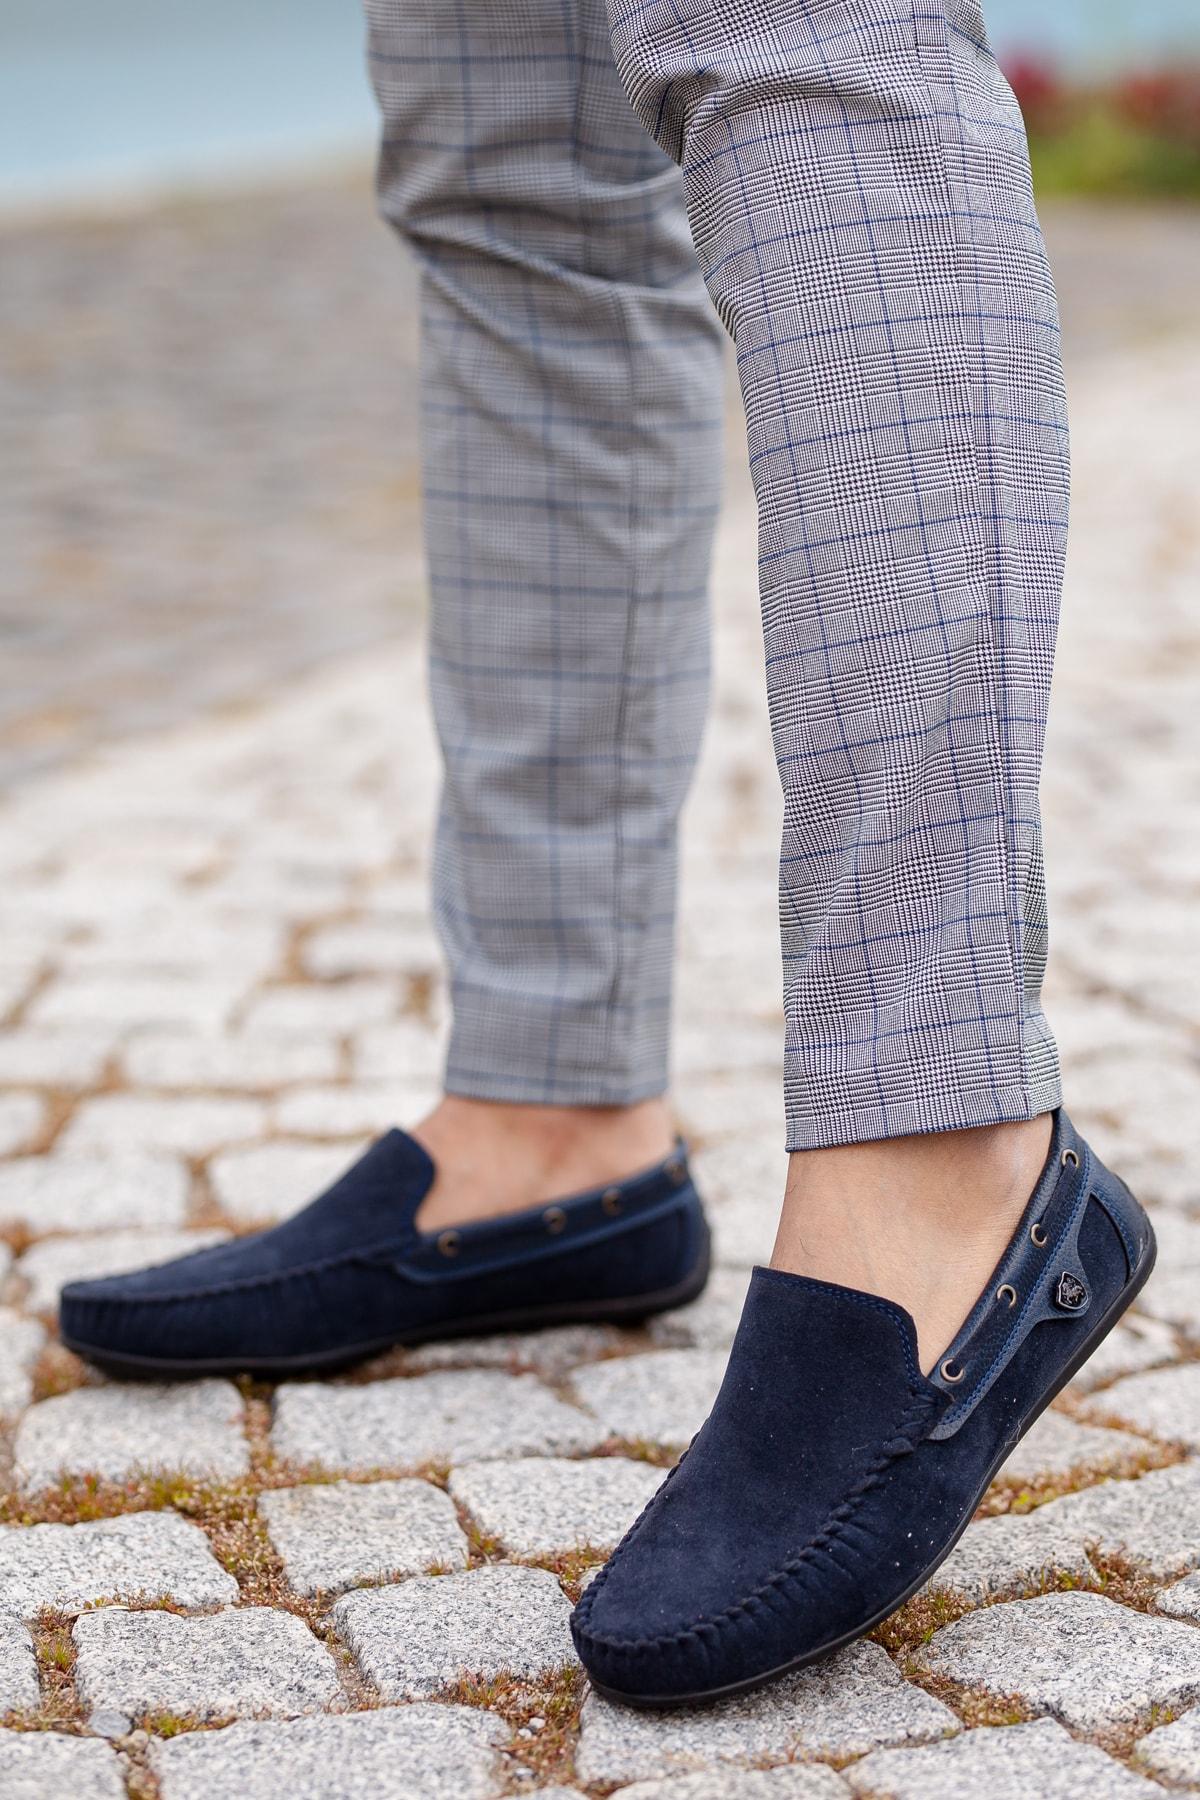 MUGGO Lacivert Süet Günlük Ayakkabı M3473 Hediye 1